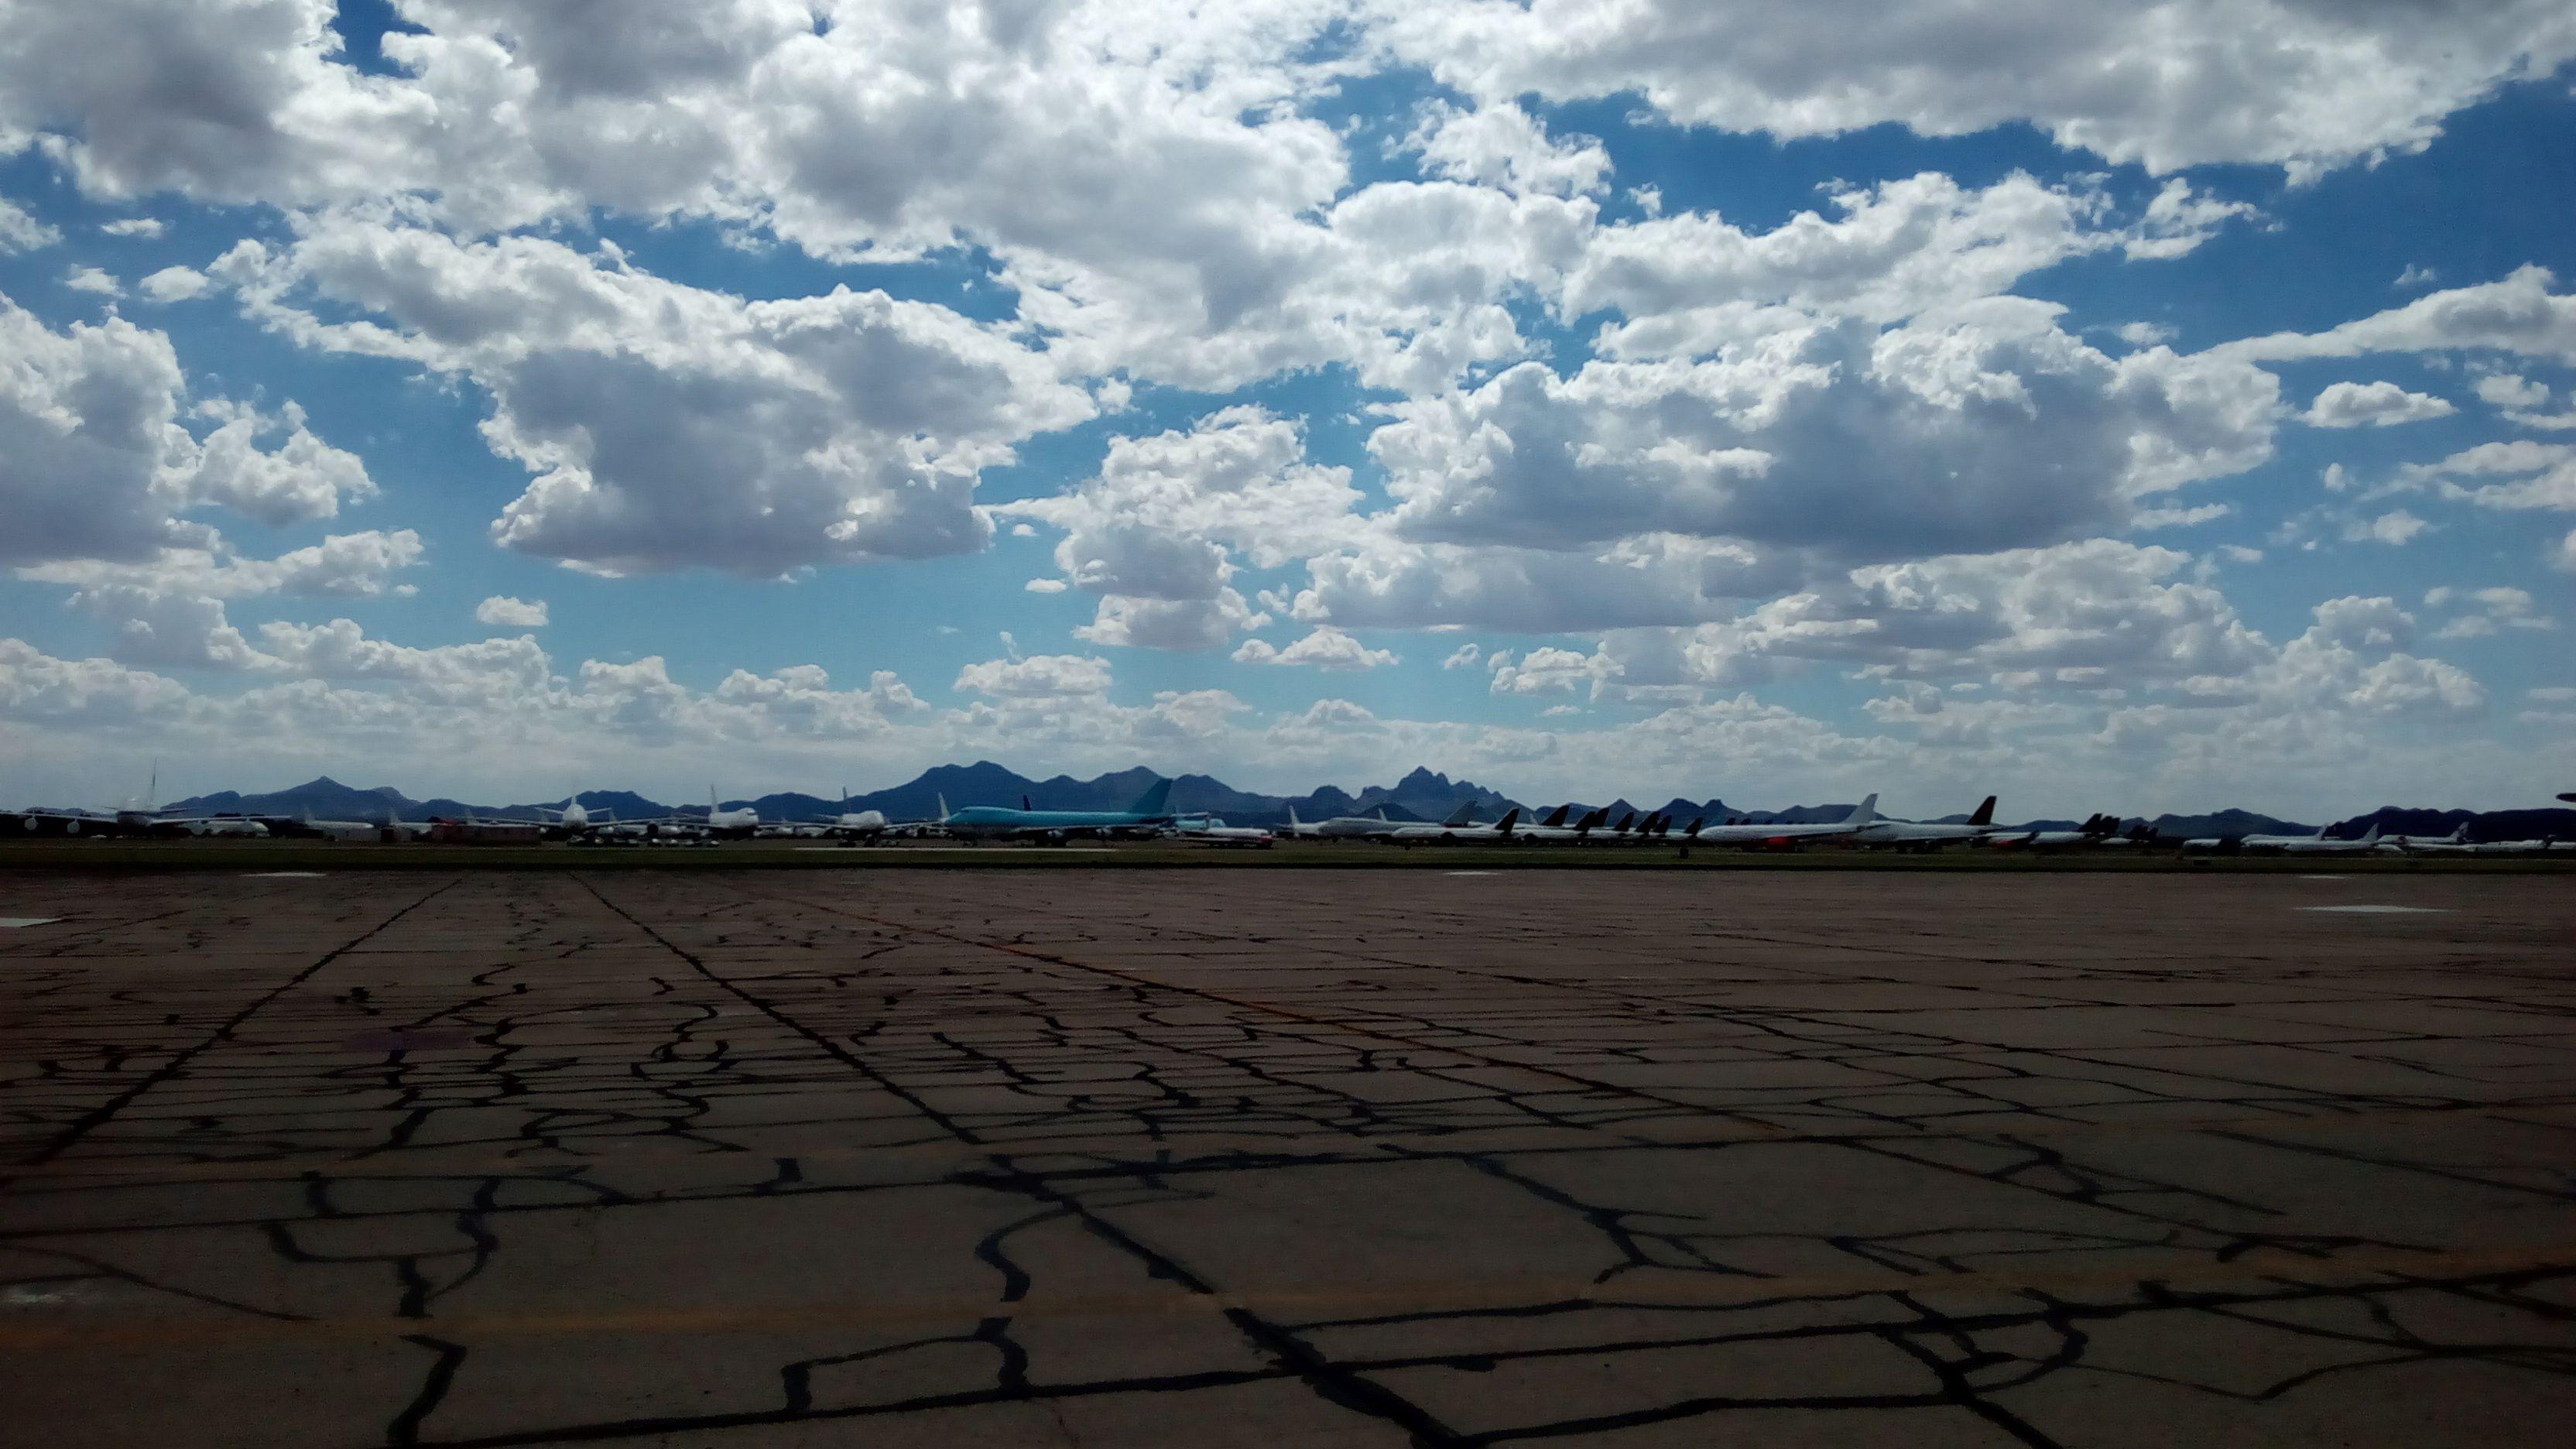 Pinal Airpark, Arizona